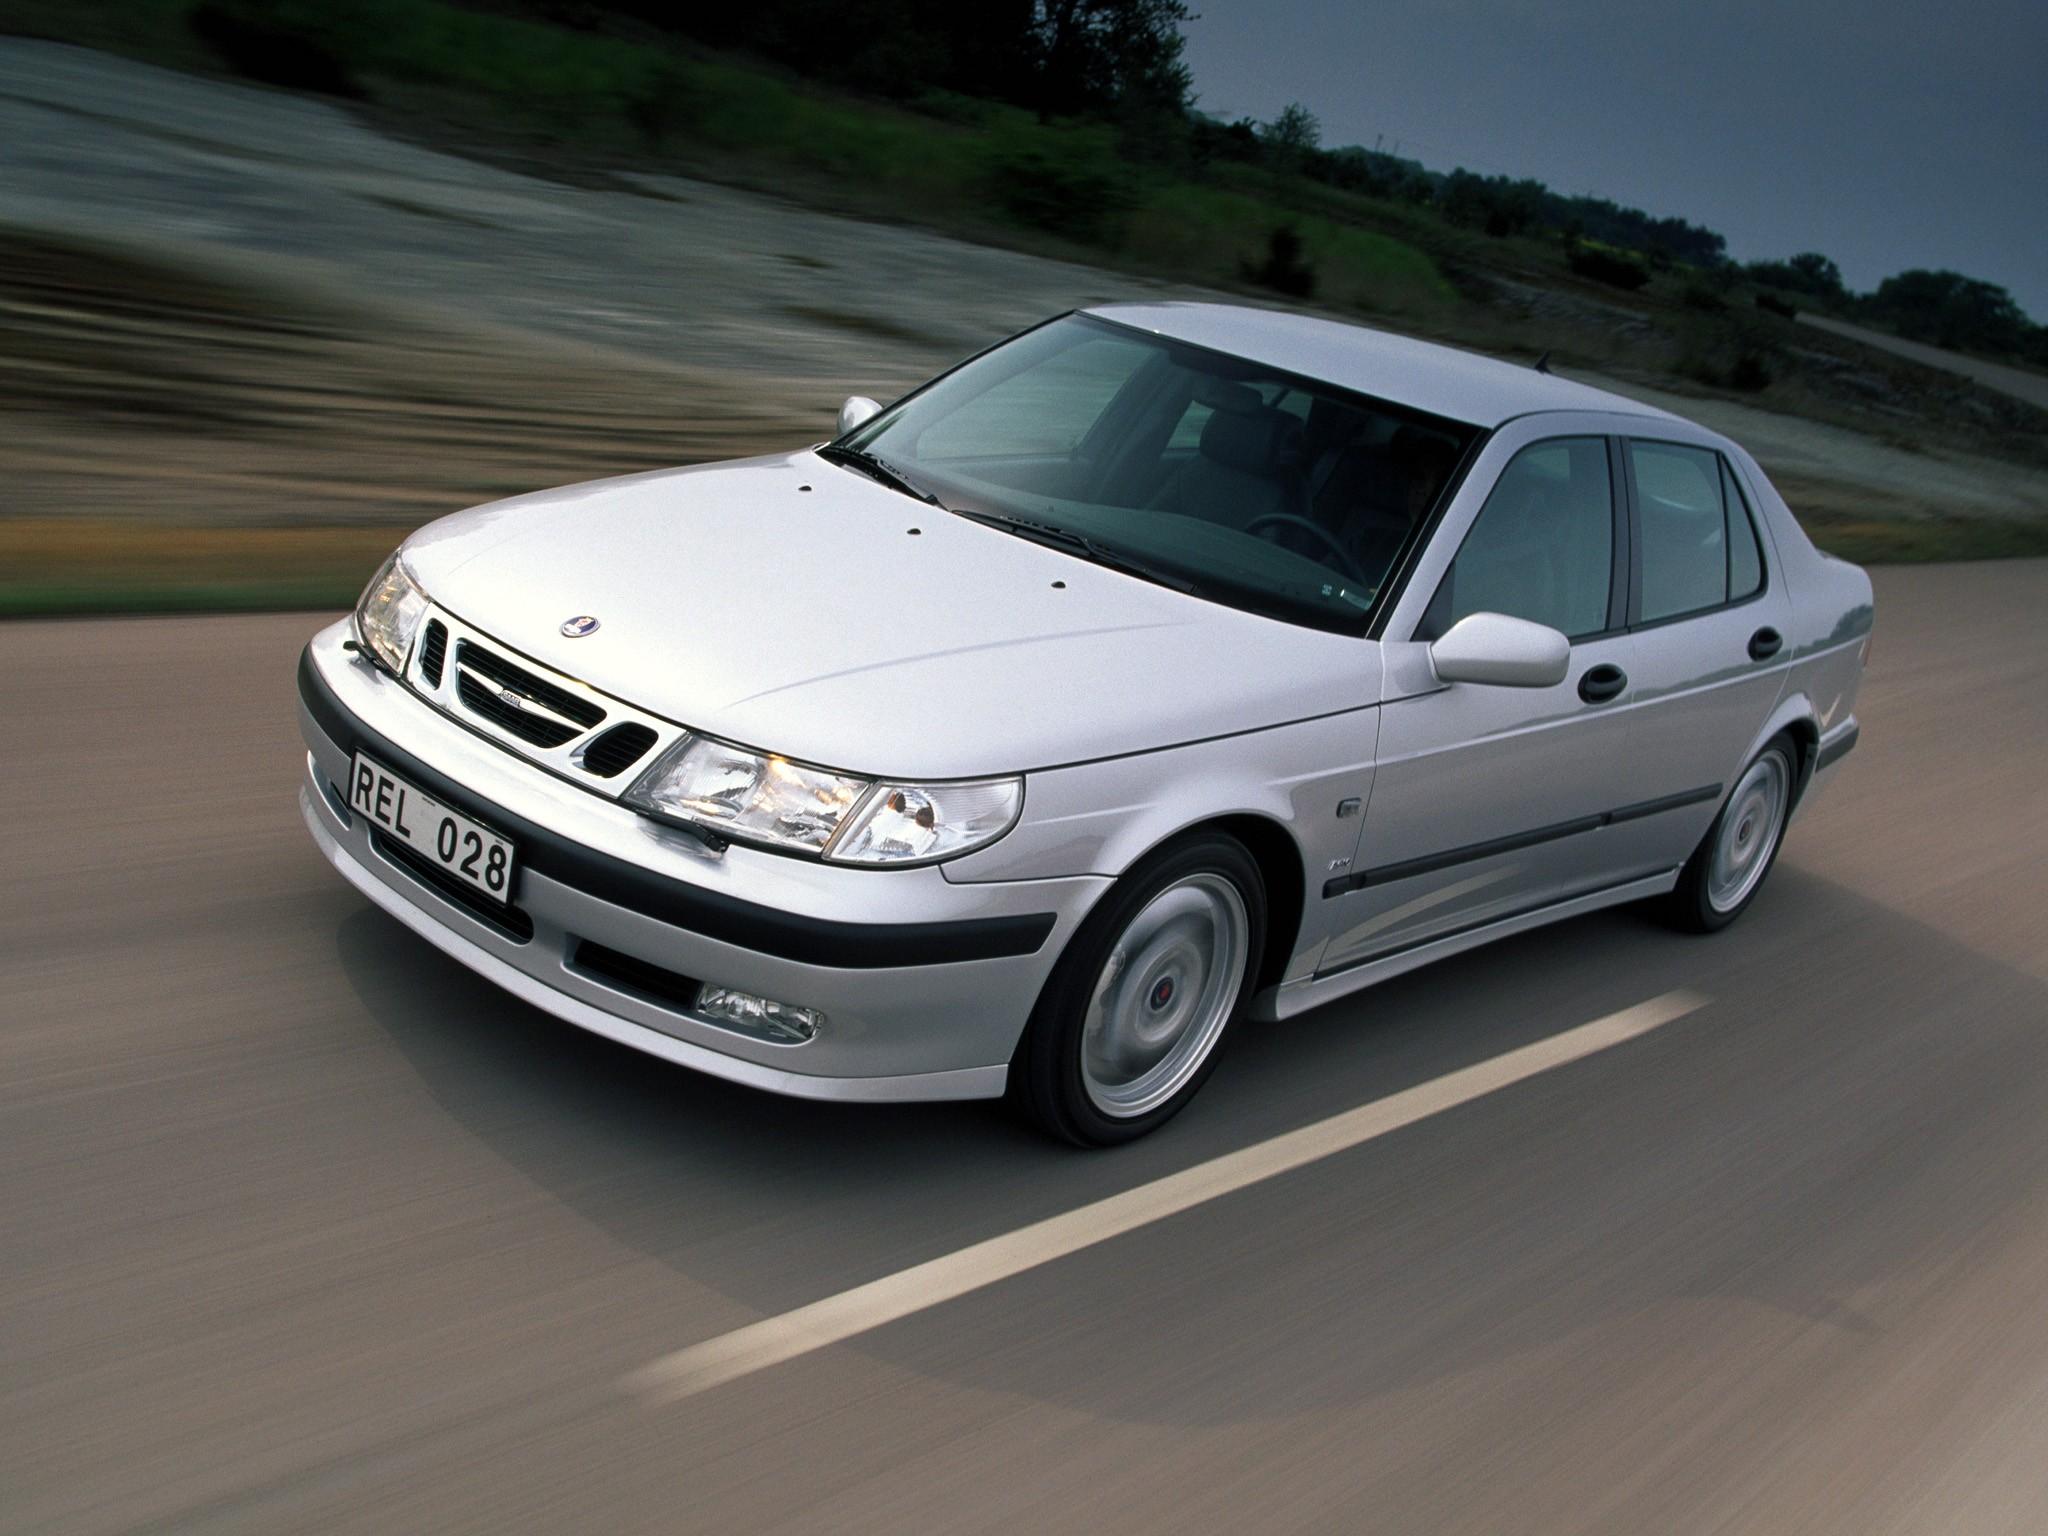 Saab 9-5 I 1997 - 2001 Sedan #2